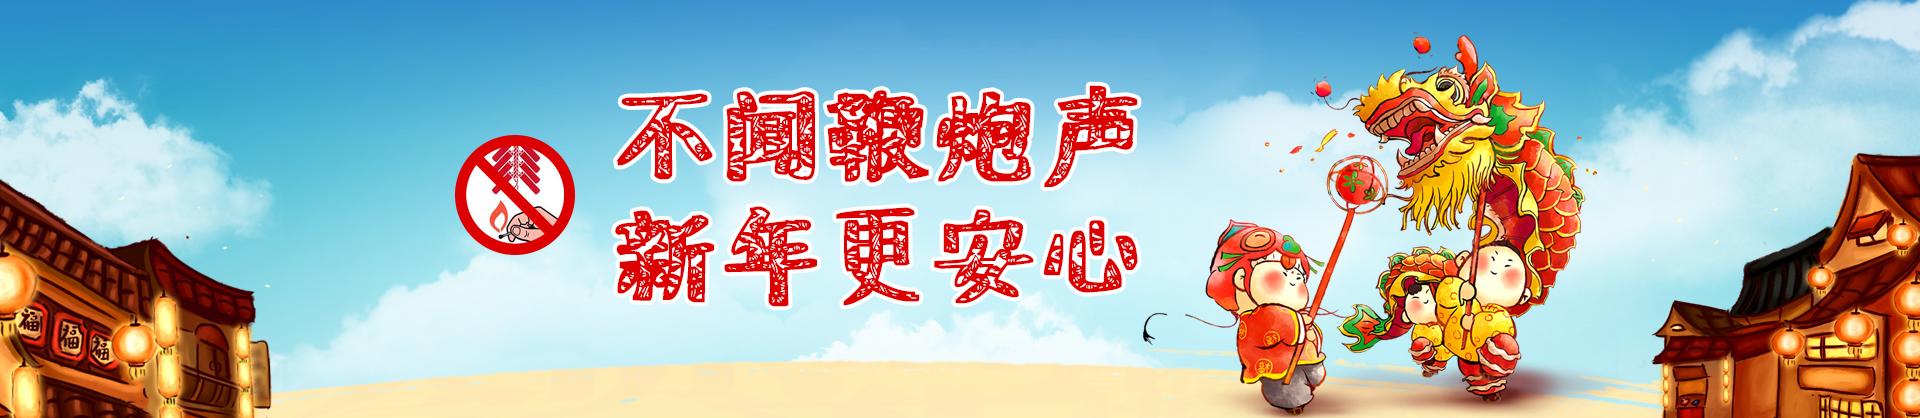 禁止燃放烟花爆竹 守护泉城绿水蓝天